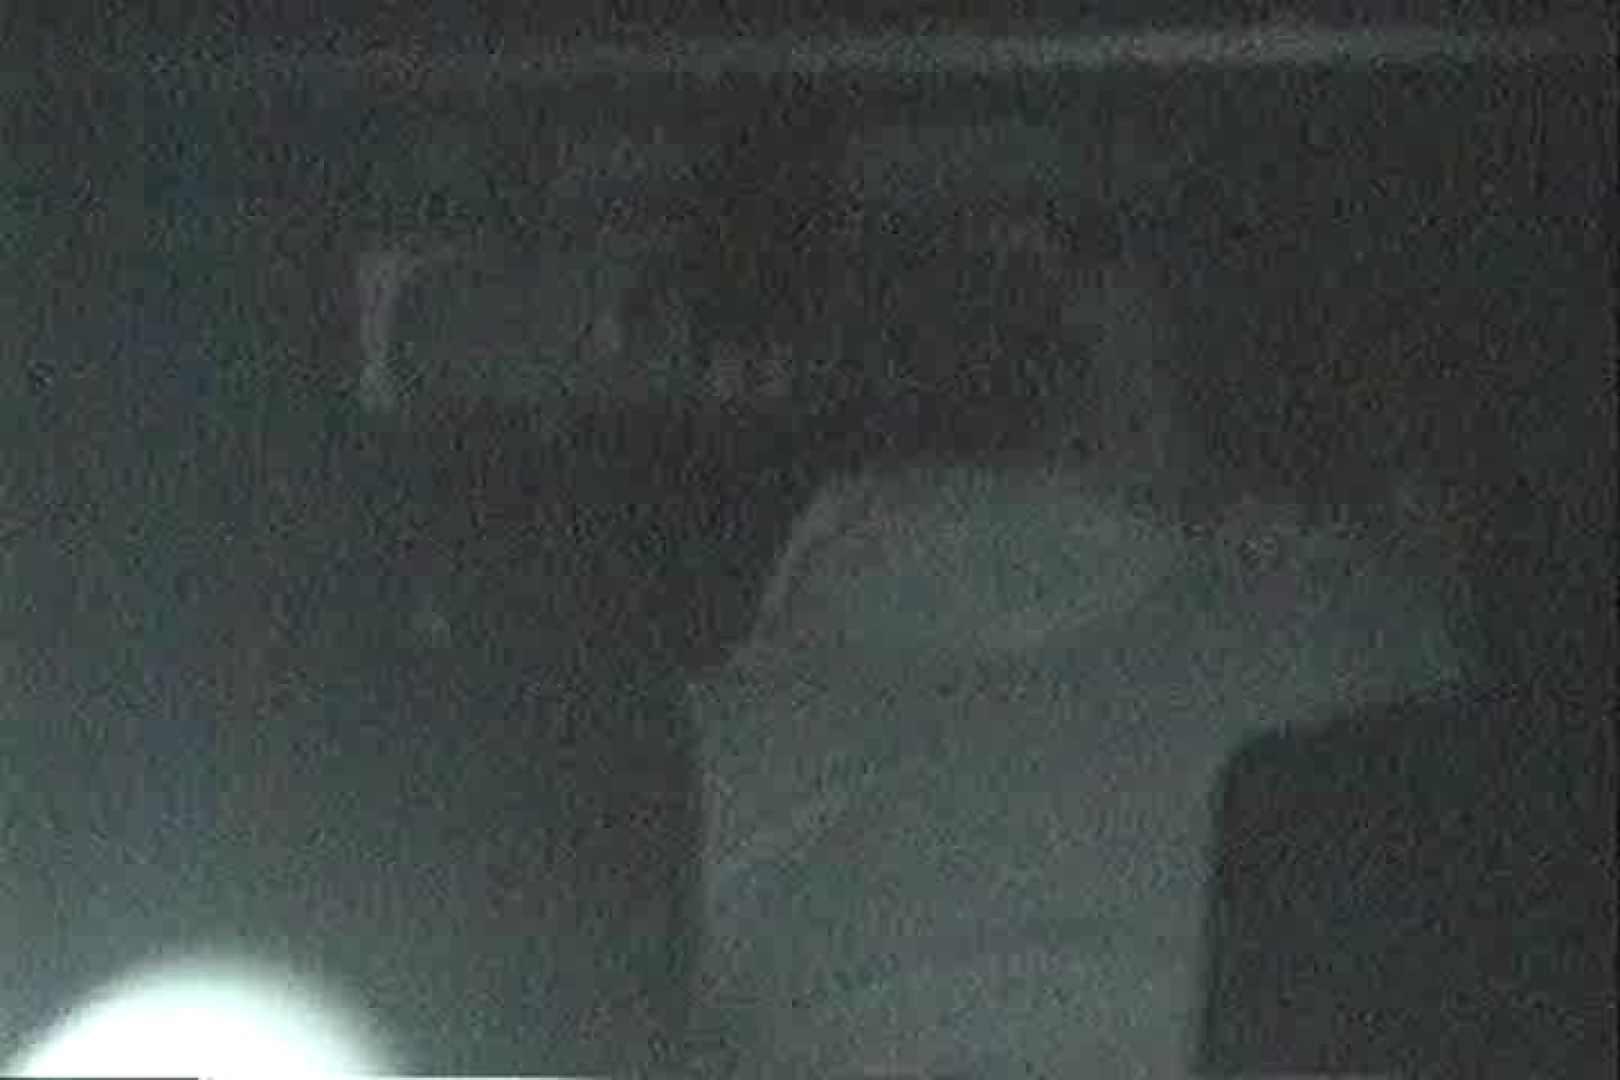 充血監督の深夜の運動会Vol.123 カップル盗撮 | エロティックなOL  107画像 55